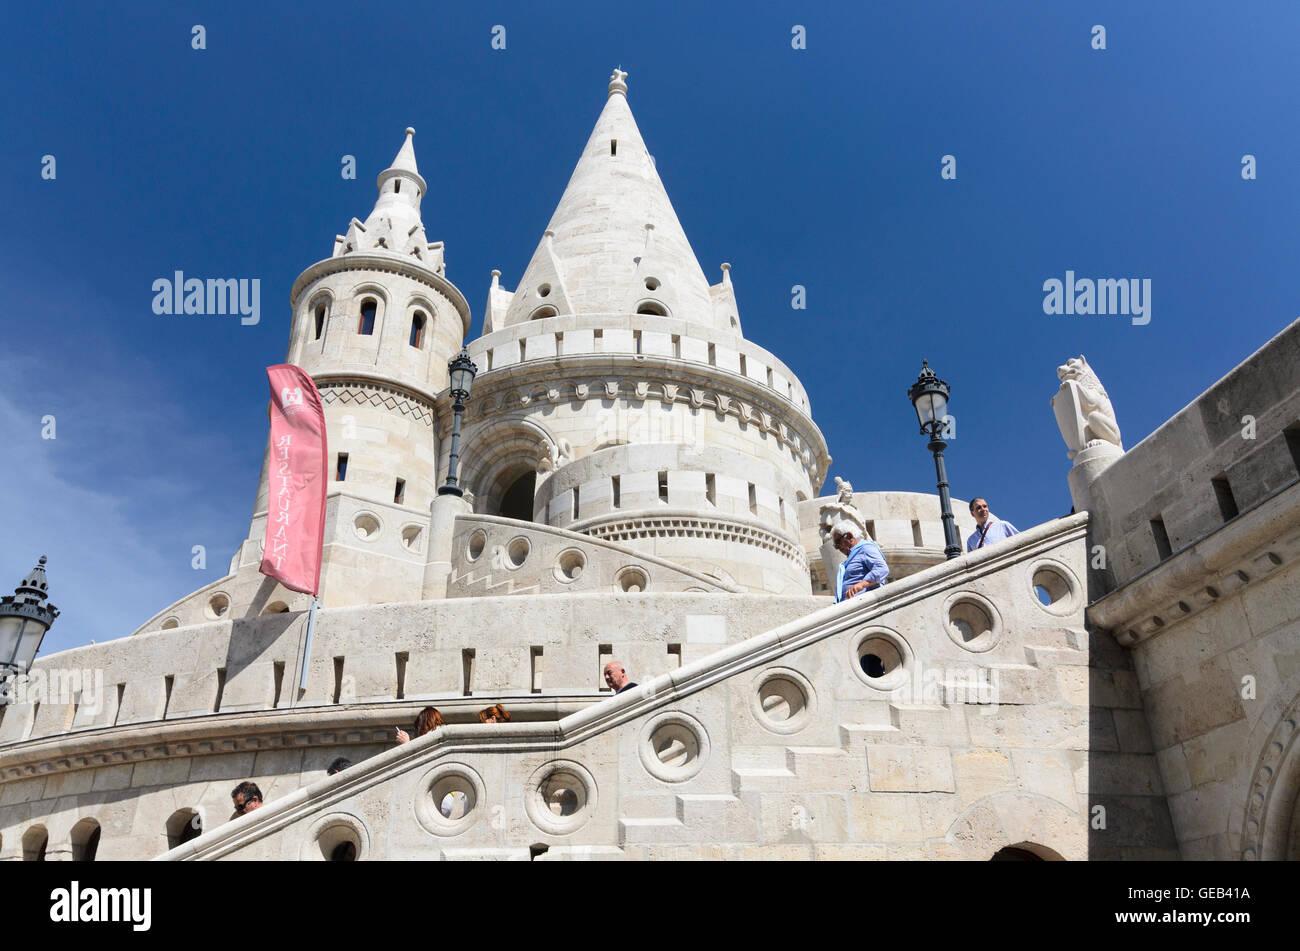 Budapest: Fishermen's Bastion, Hungary, Budapest, - Stock Image